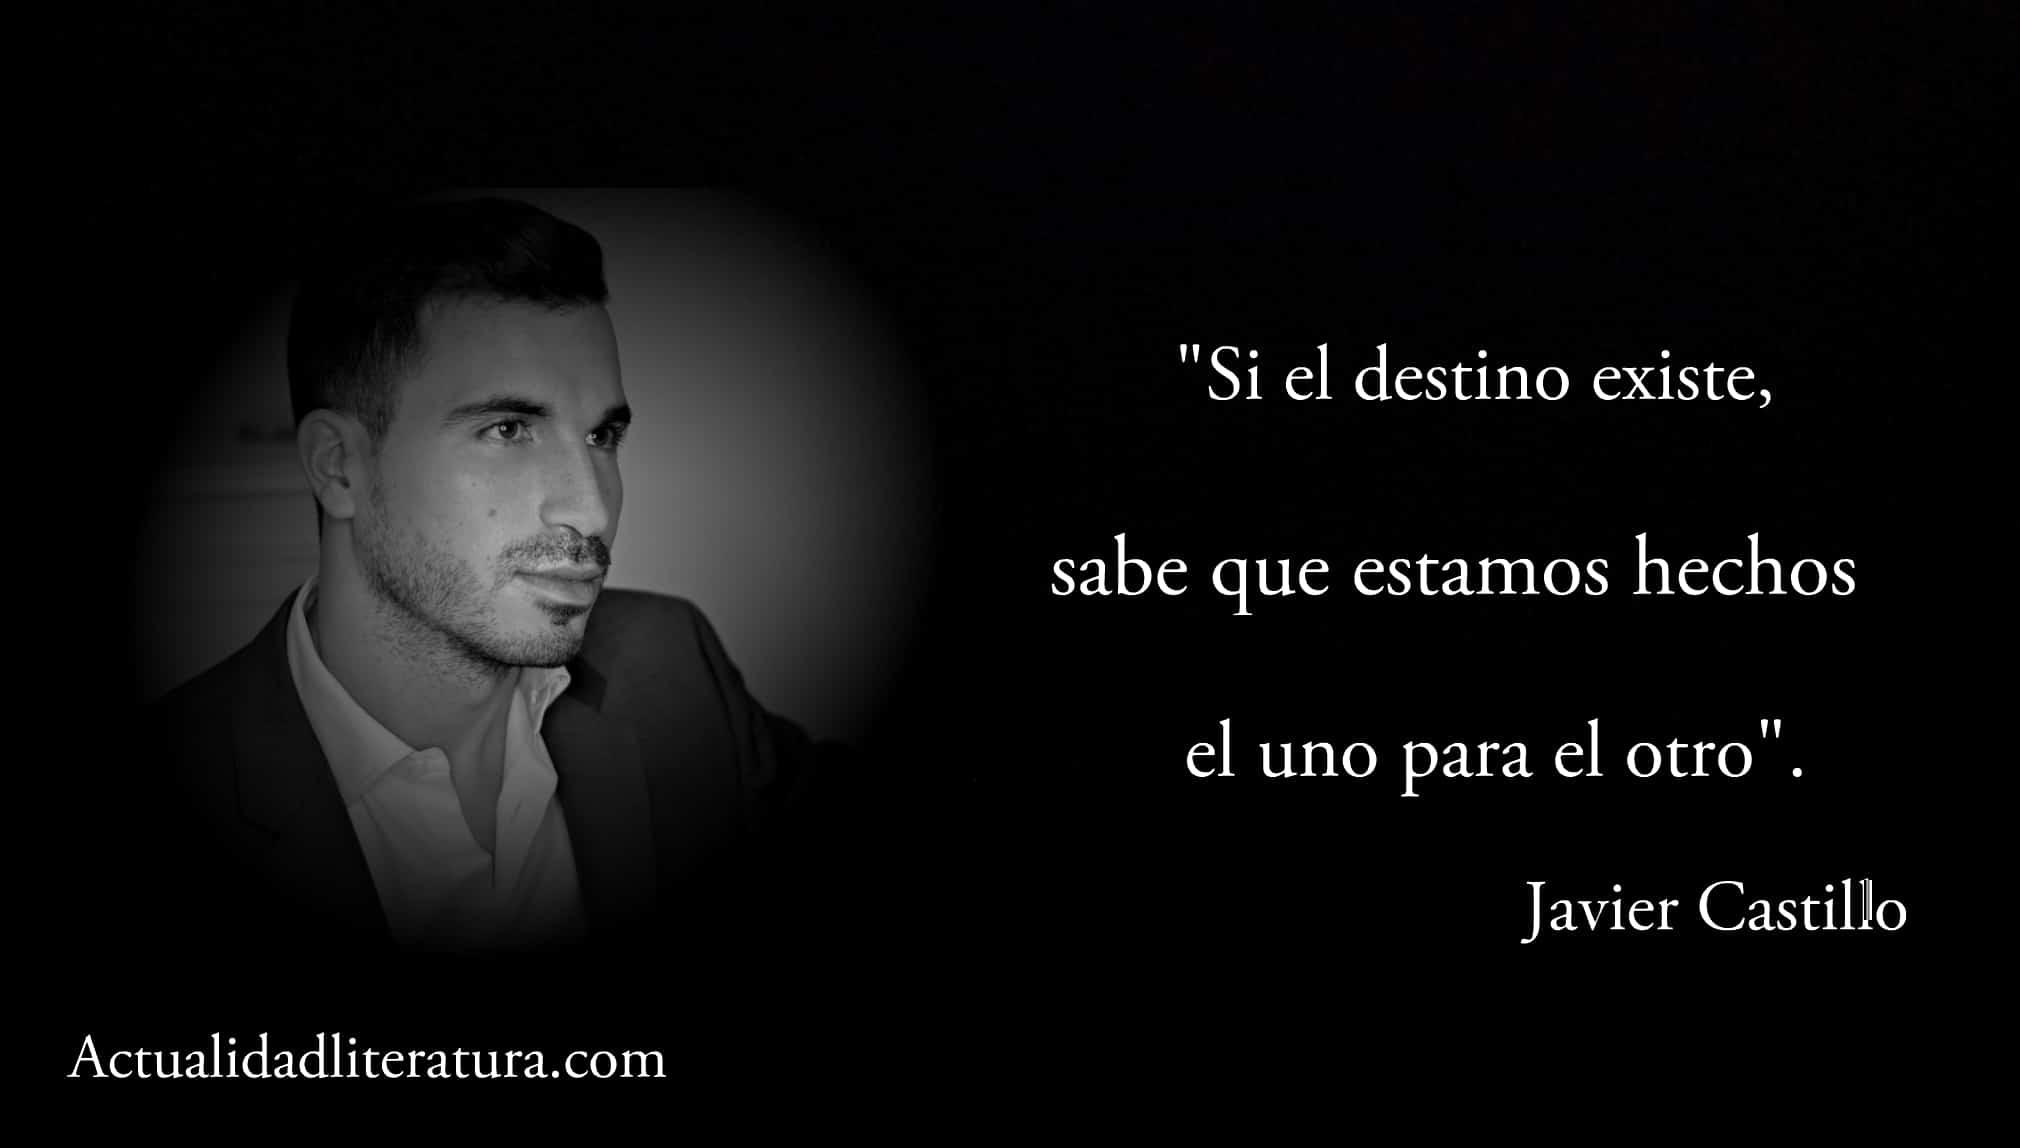 Frase de Javier Castillo.